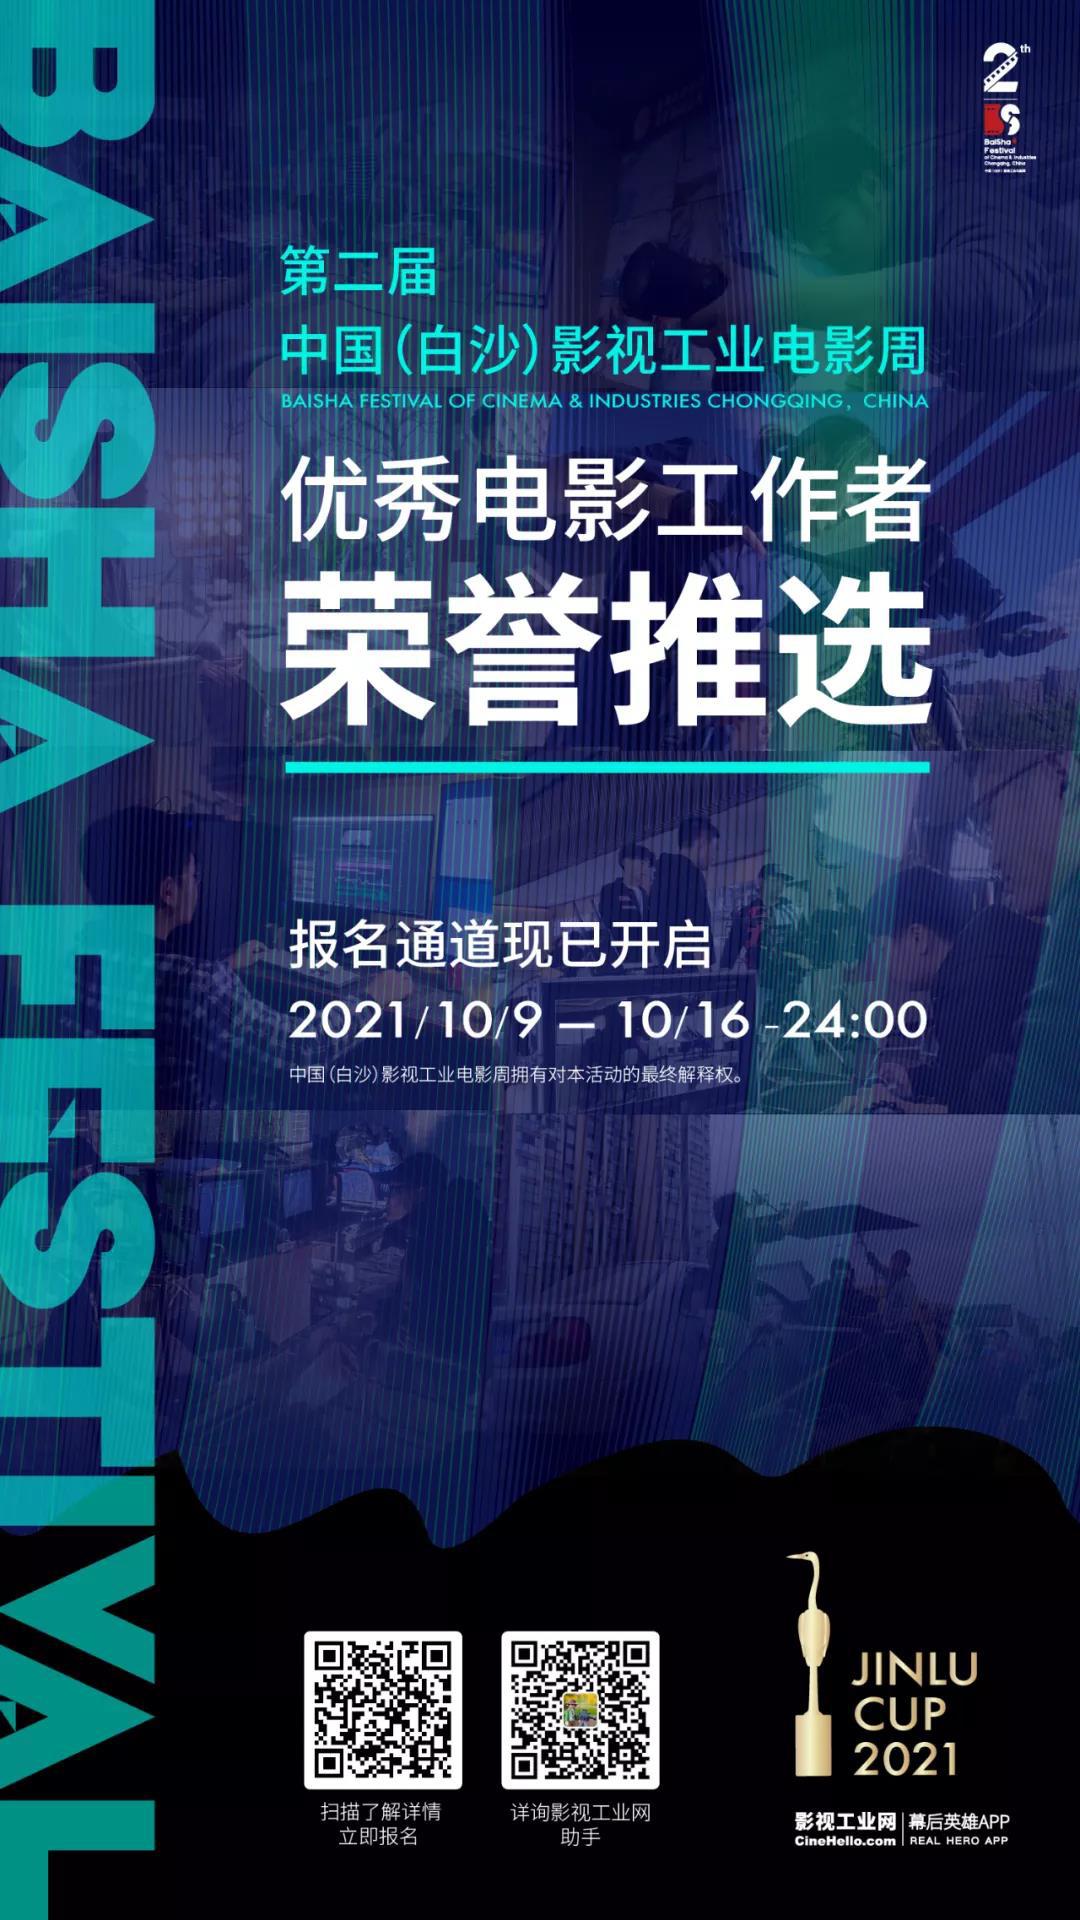 第二届中国(白沙)影视工业电影周荣誉推选开启